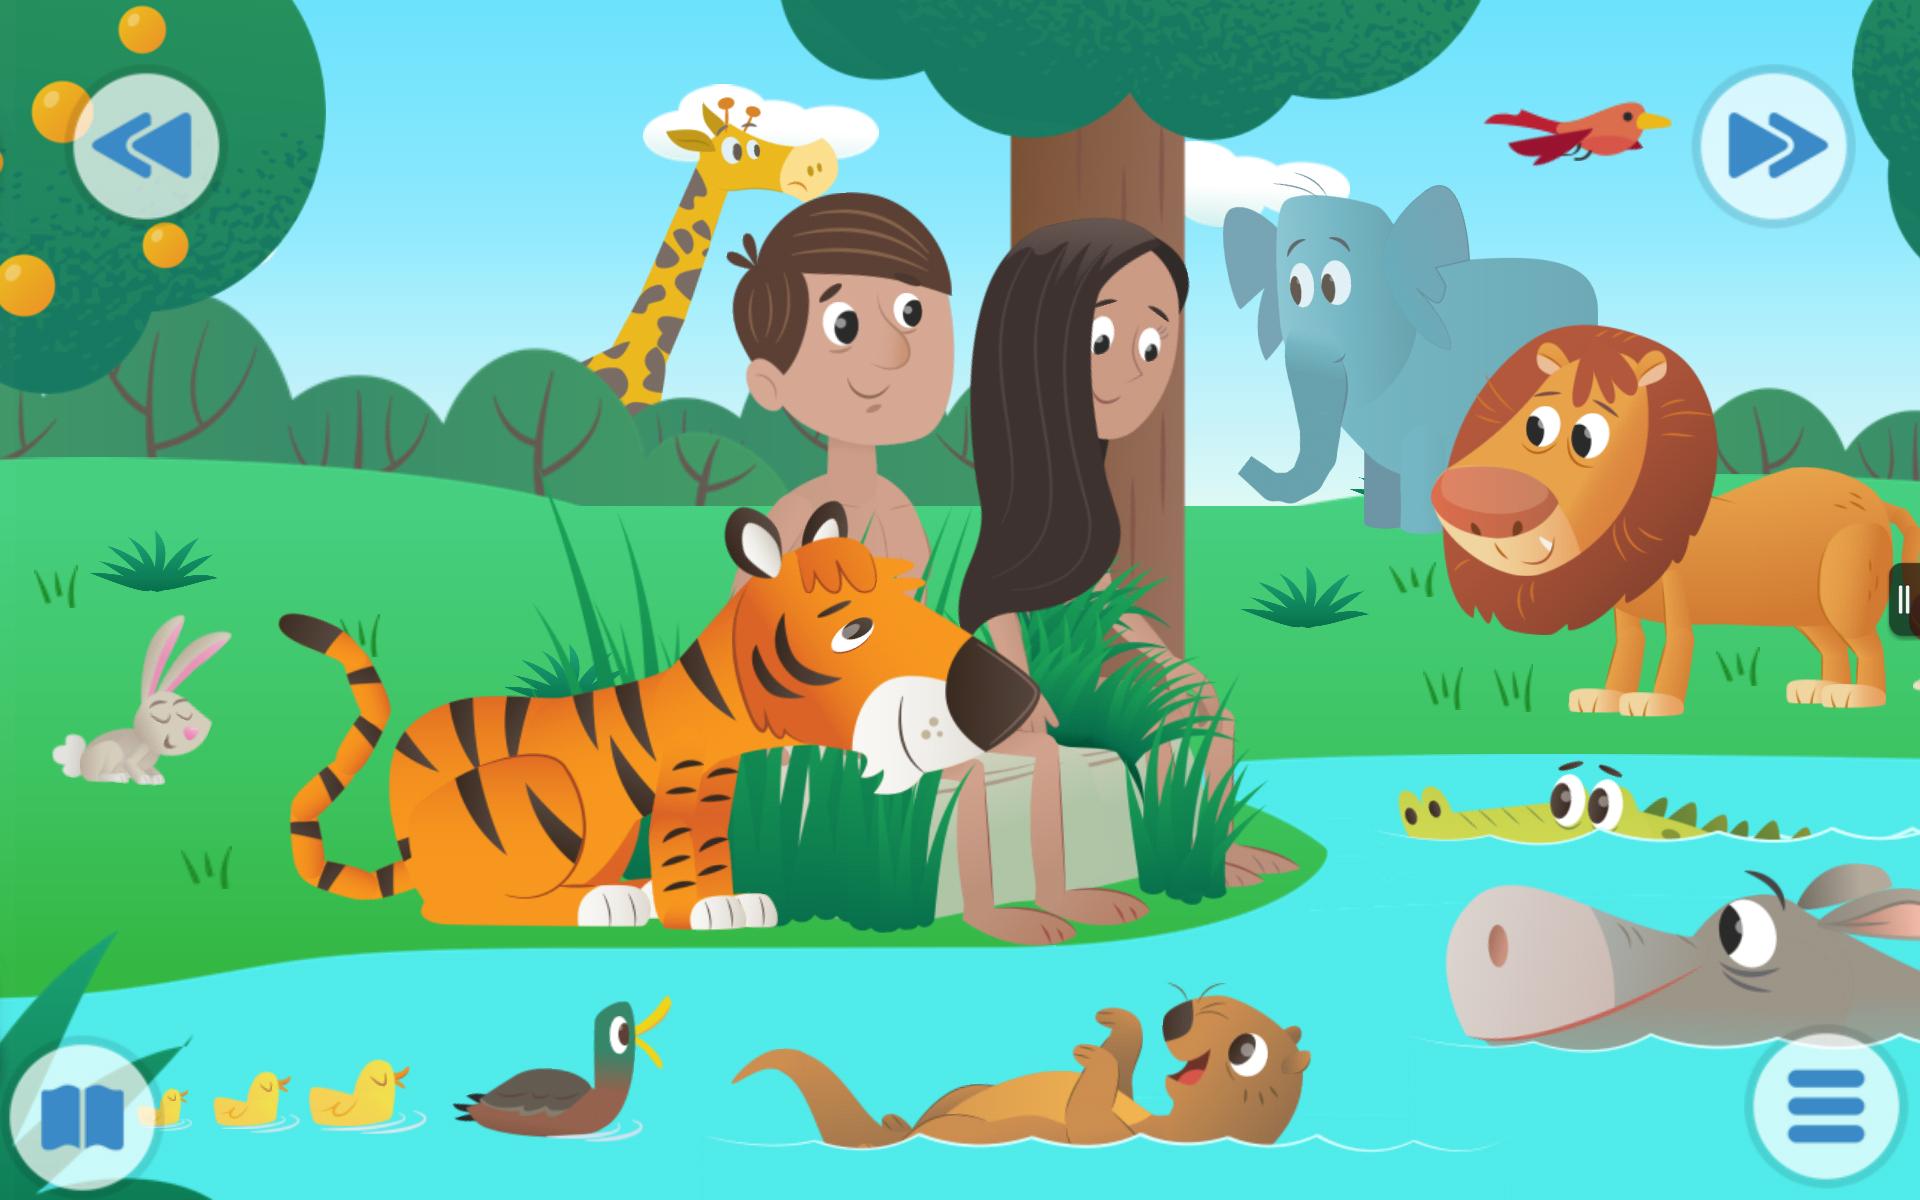 La Biblia App para Niños: Amazon.es: Appstore para Android